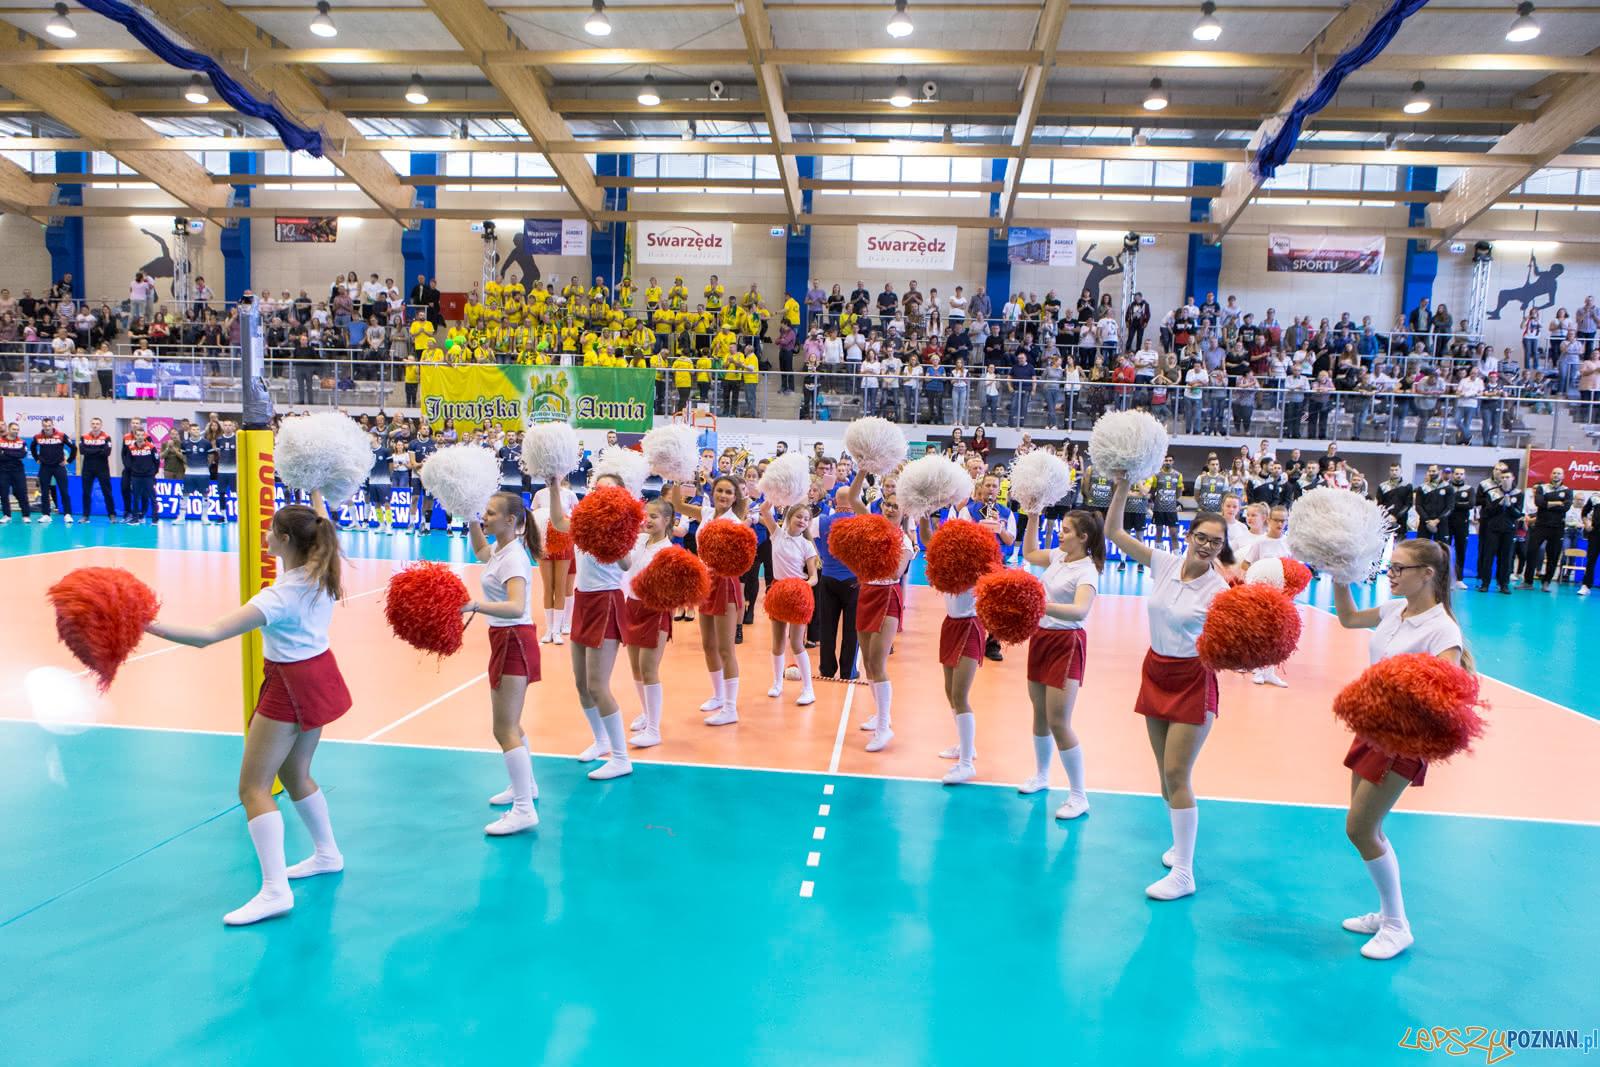 XIV Agrobex Memoriał Arkadiusza Gołasia - Zalasewo/Swarzędz 6  Foto: LepszyPOZNAN.pl / Paweł Rychter